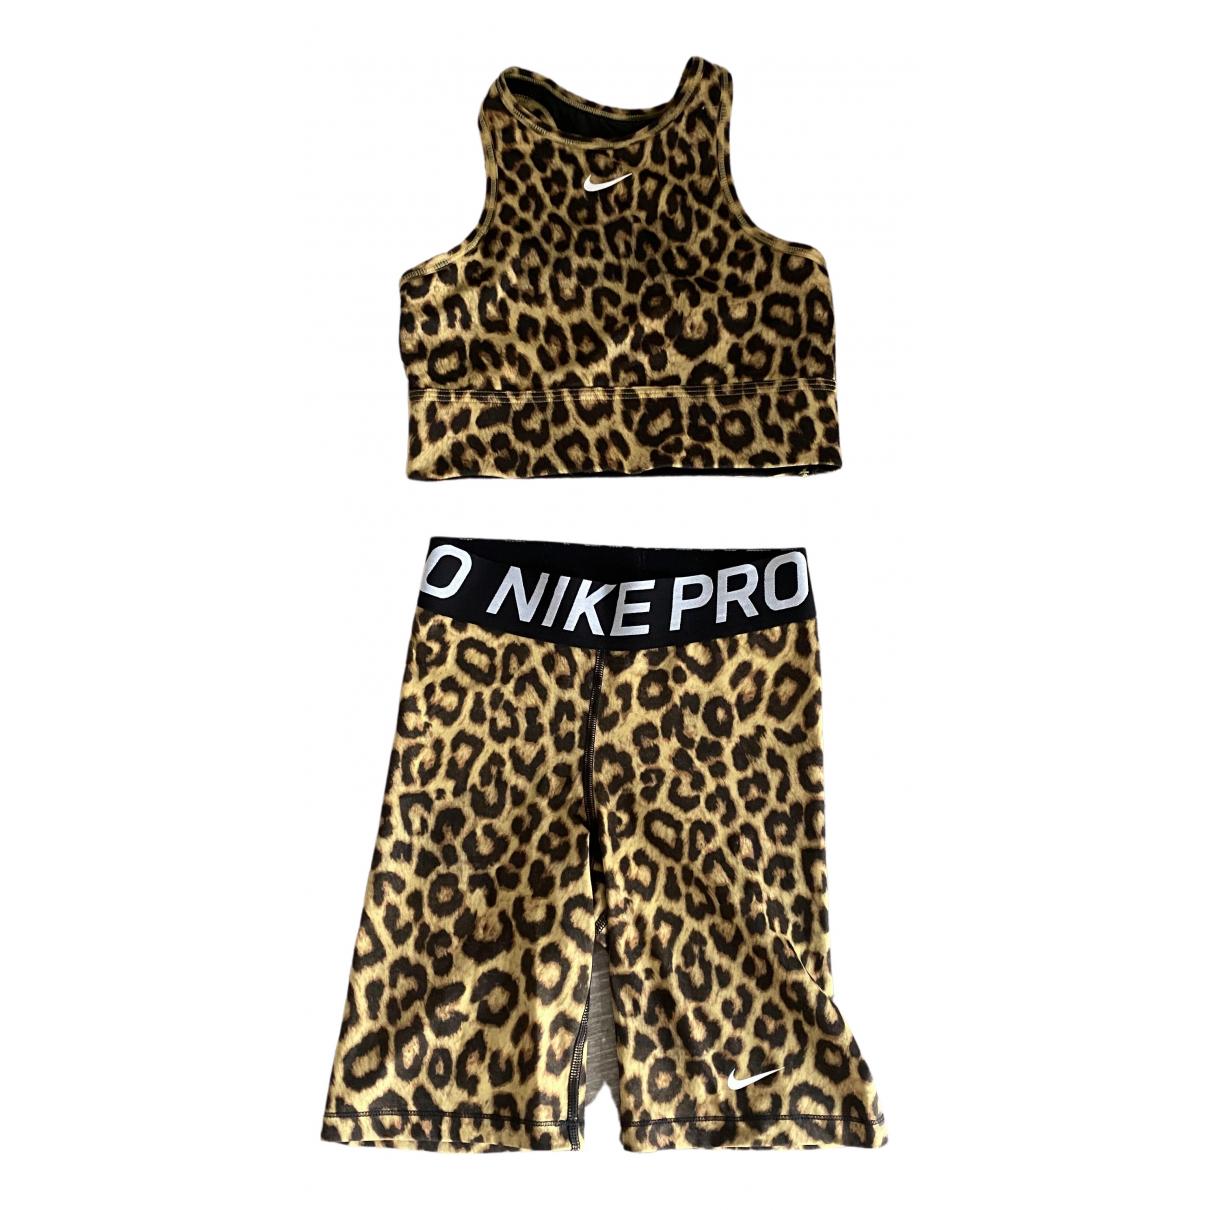 Nike - Combinaison   pour femme - beige